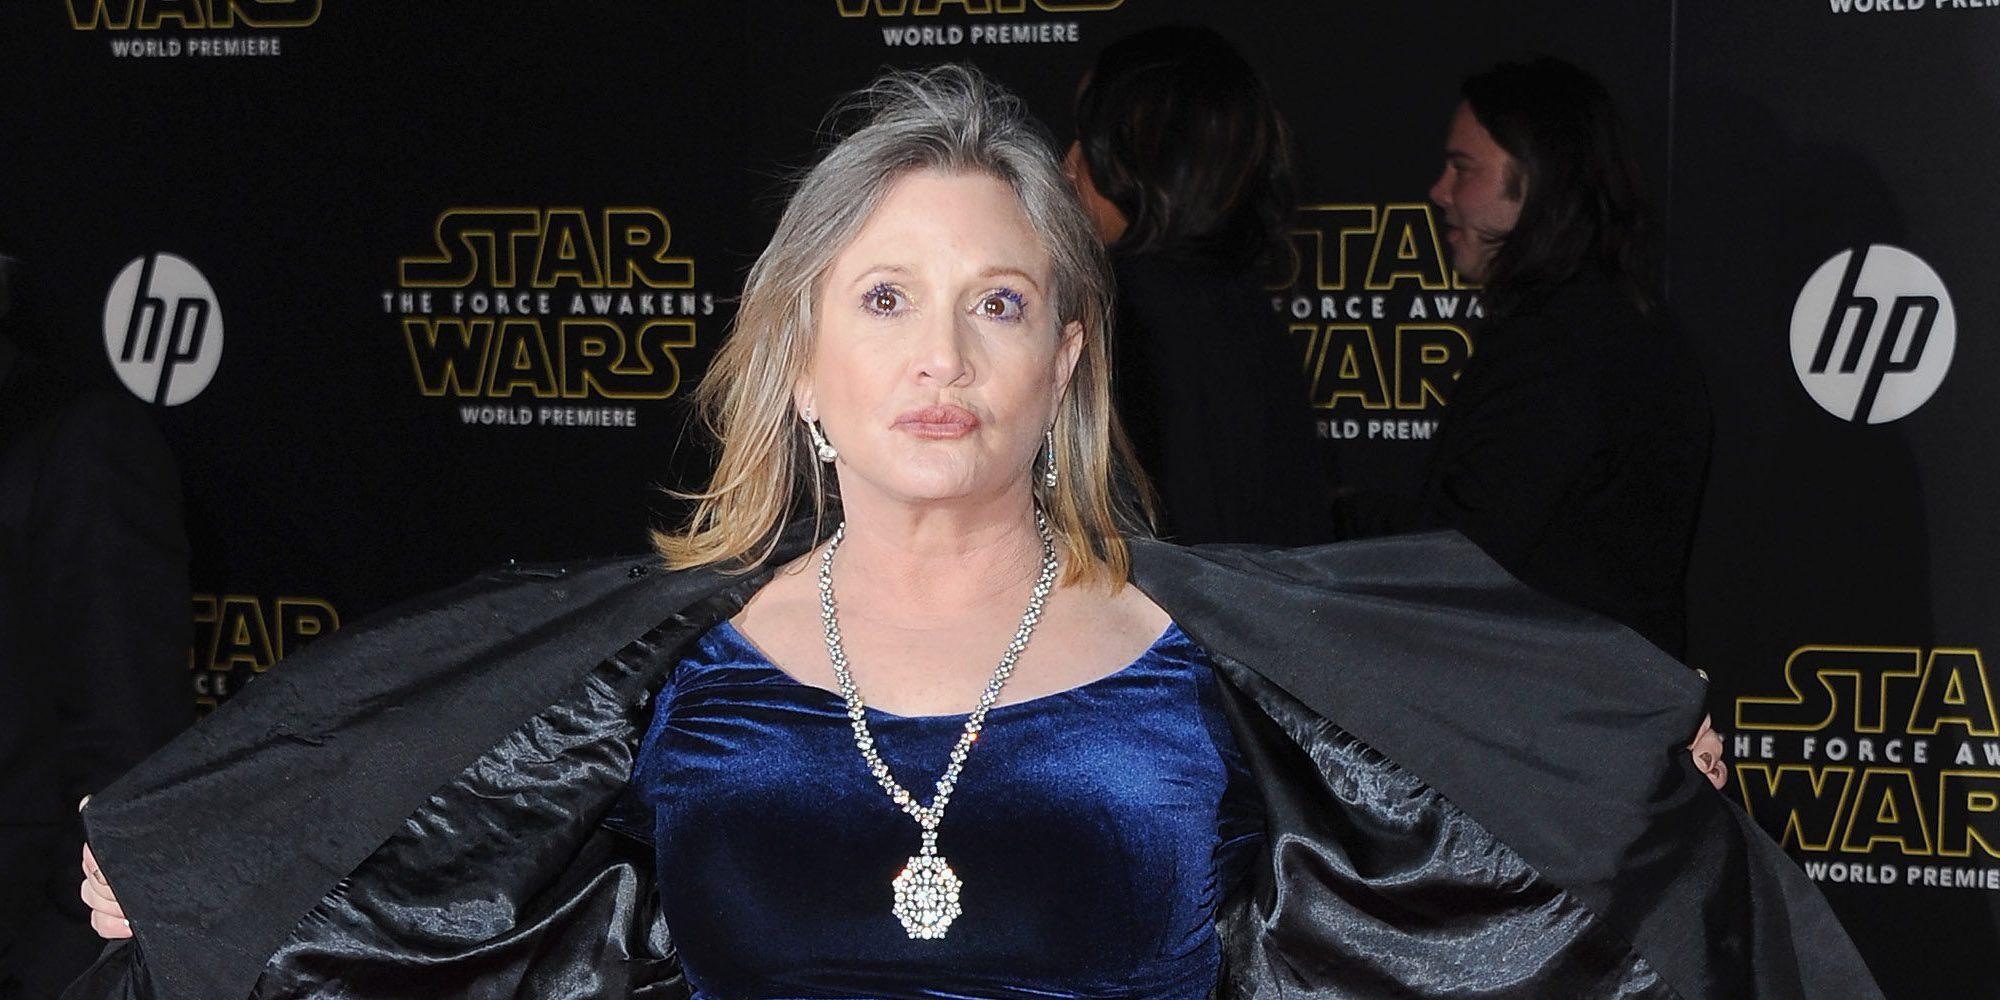 Muere Carrie Fisher a los 60 años tras sufrir un ataque al corazón